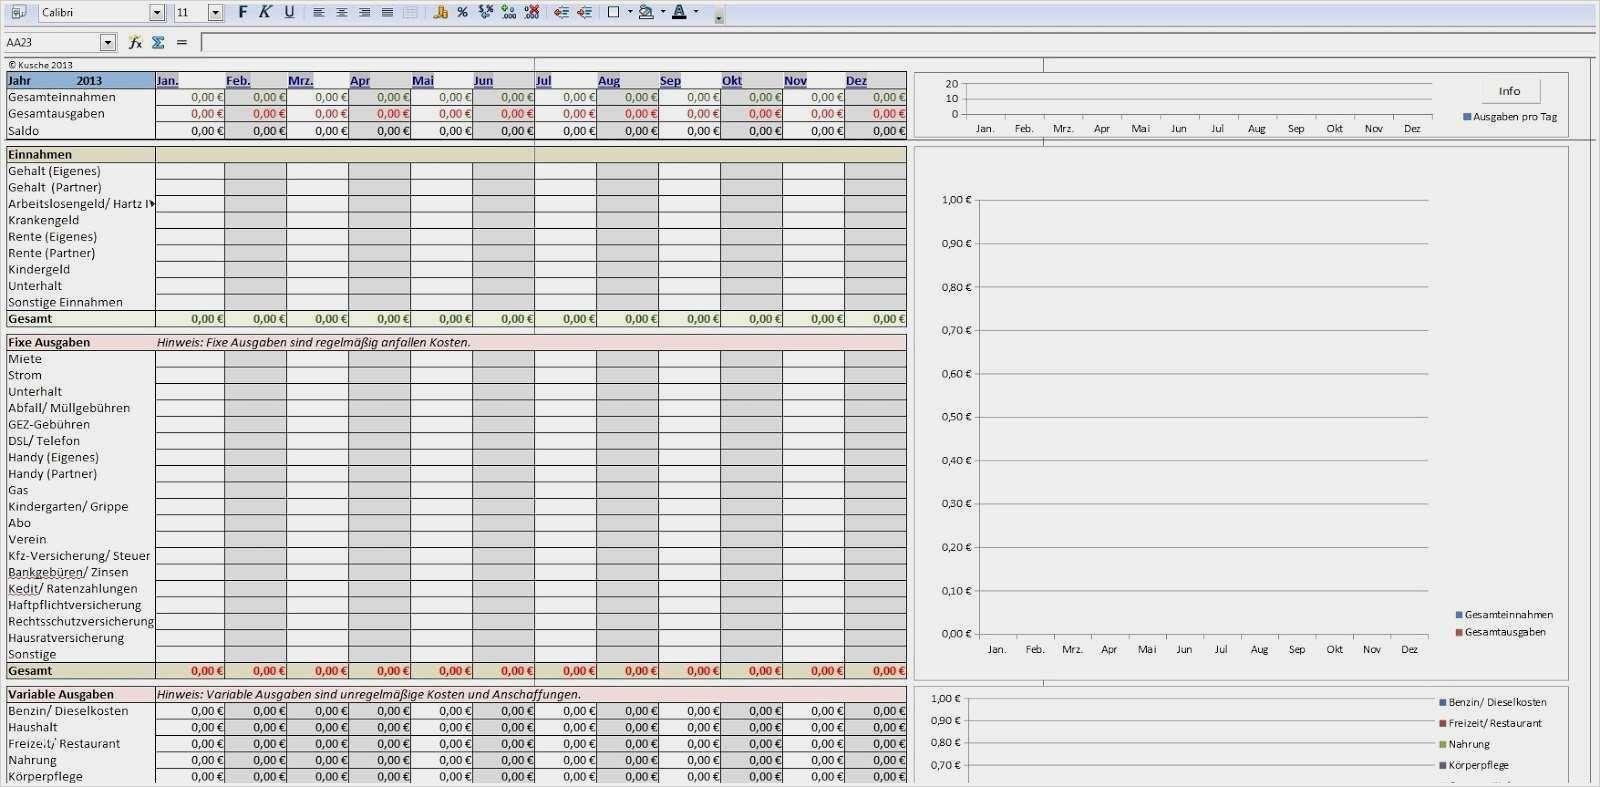 30 Schon Haushaltsbuch Excel Vorlage Kostenlos 2018 Bilder In 2020 Haushaltsbuch Excel Vorlage Haushaltsbuch Vorlage Haushaltsbuch Excel